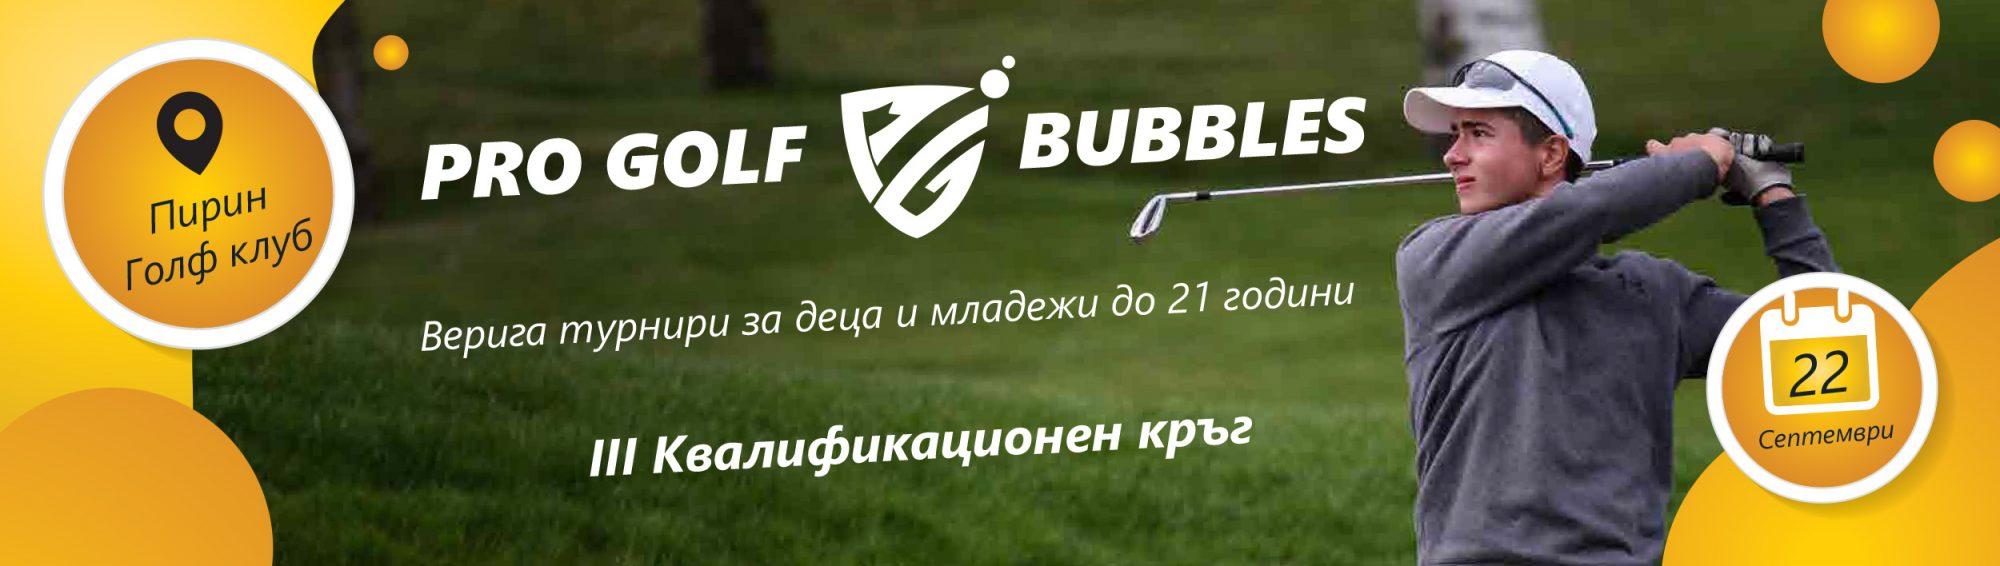 bubbles 2020 2